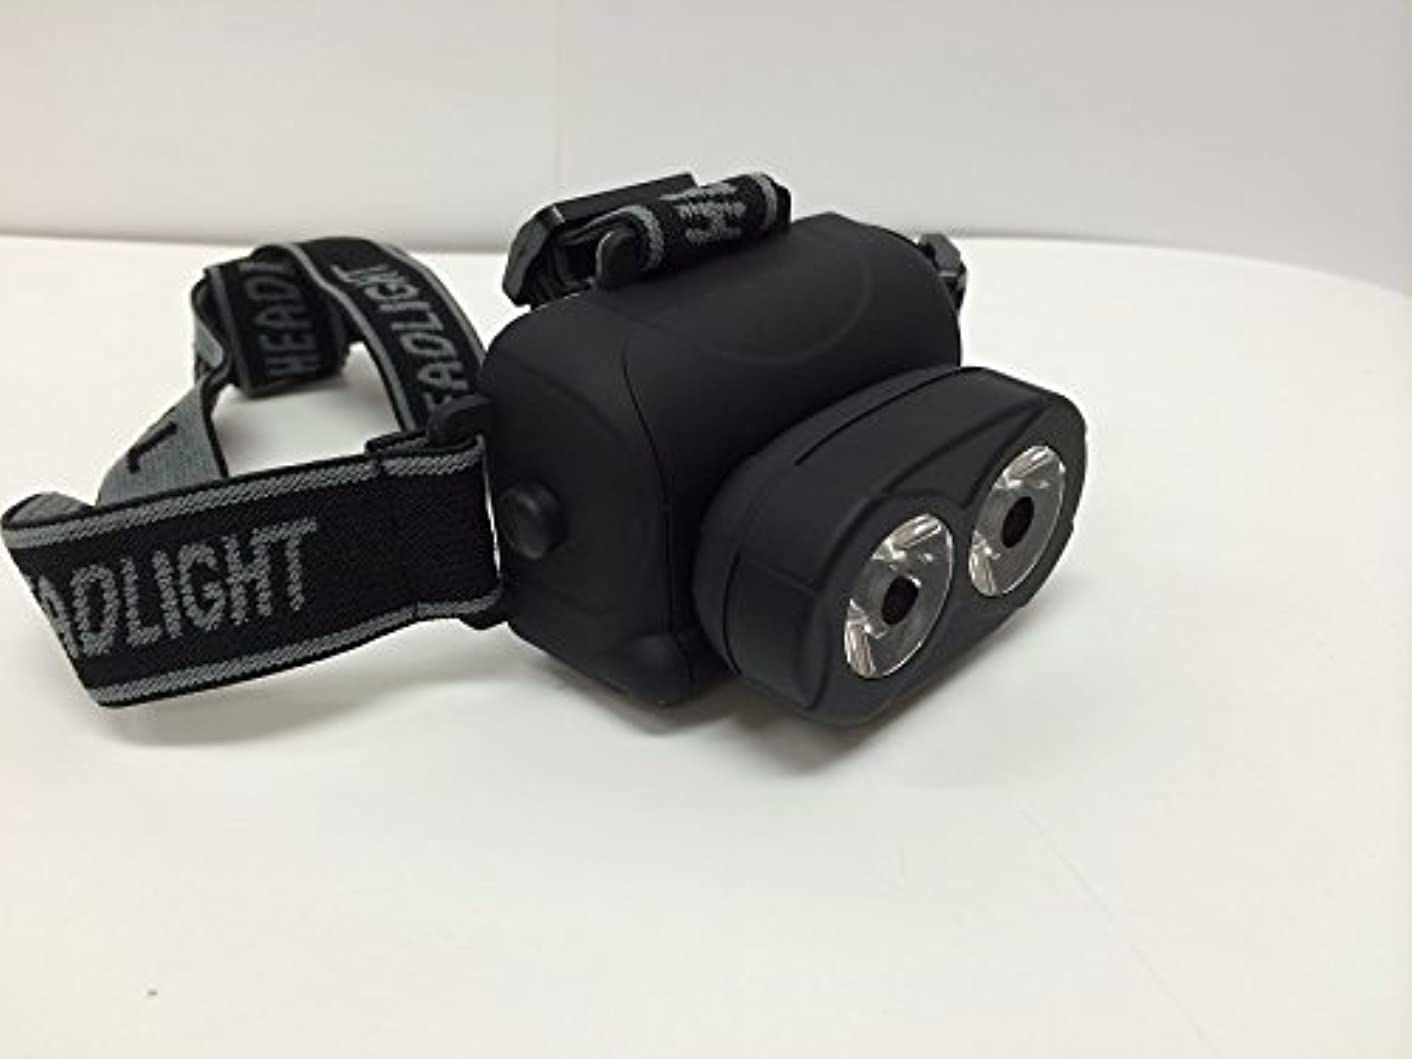 シーン長椅子机ヘッドライト LEDヘッドライト LEDライト 高輝度LED 軽量 作業用 釣り 散歩 夜間 電池式